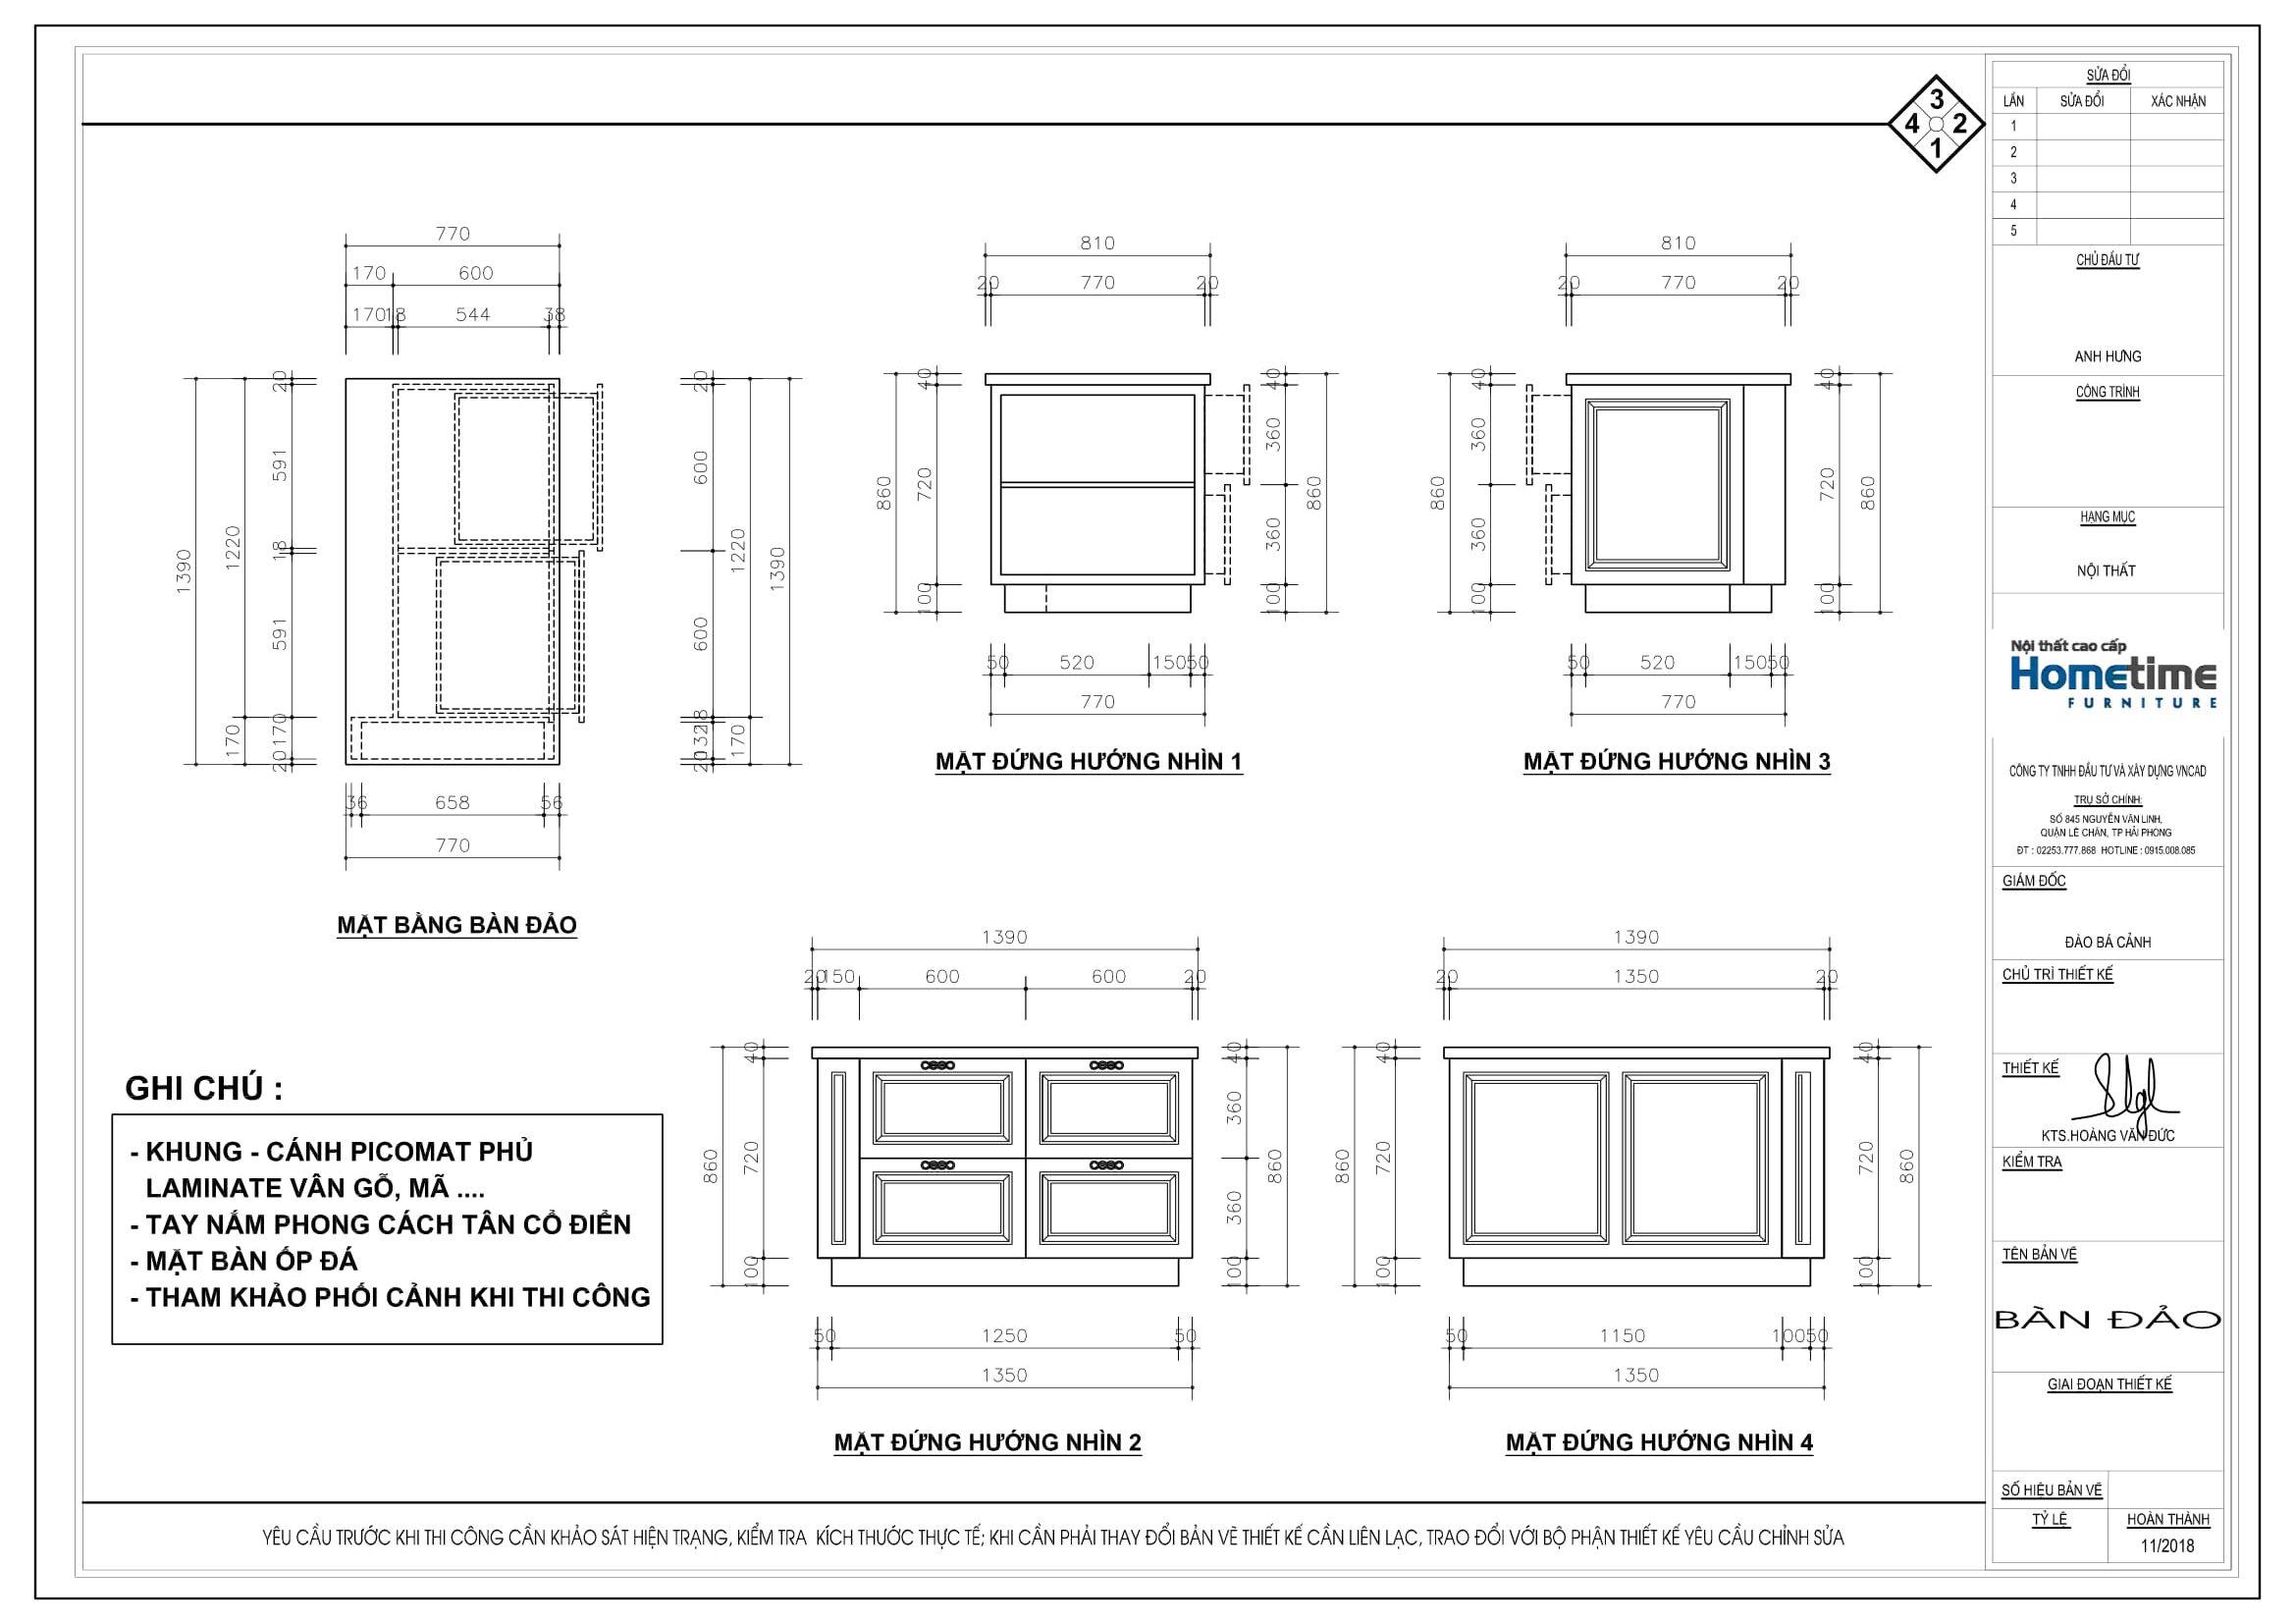 Tổng quan bản vẽ thiết kế tủ bếp Tân Cổ Điển